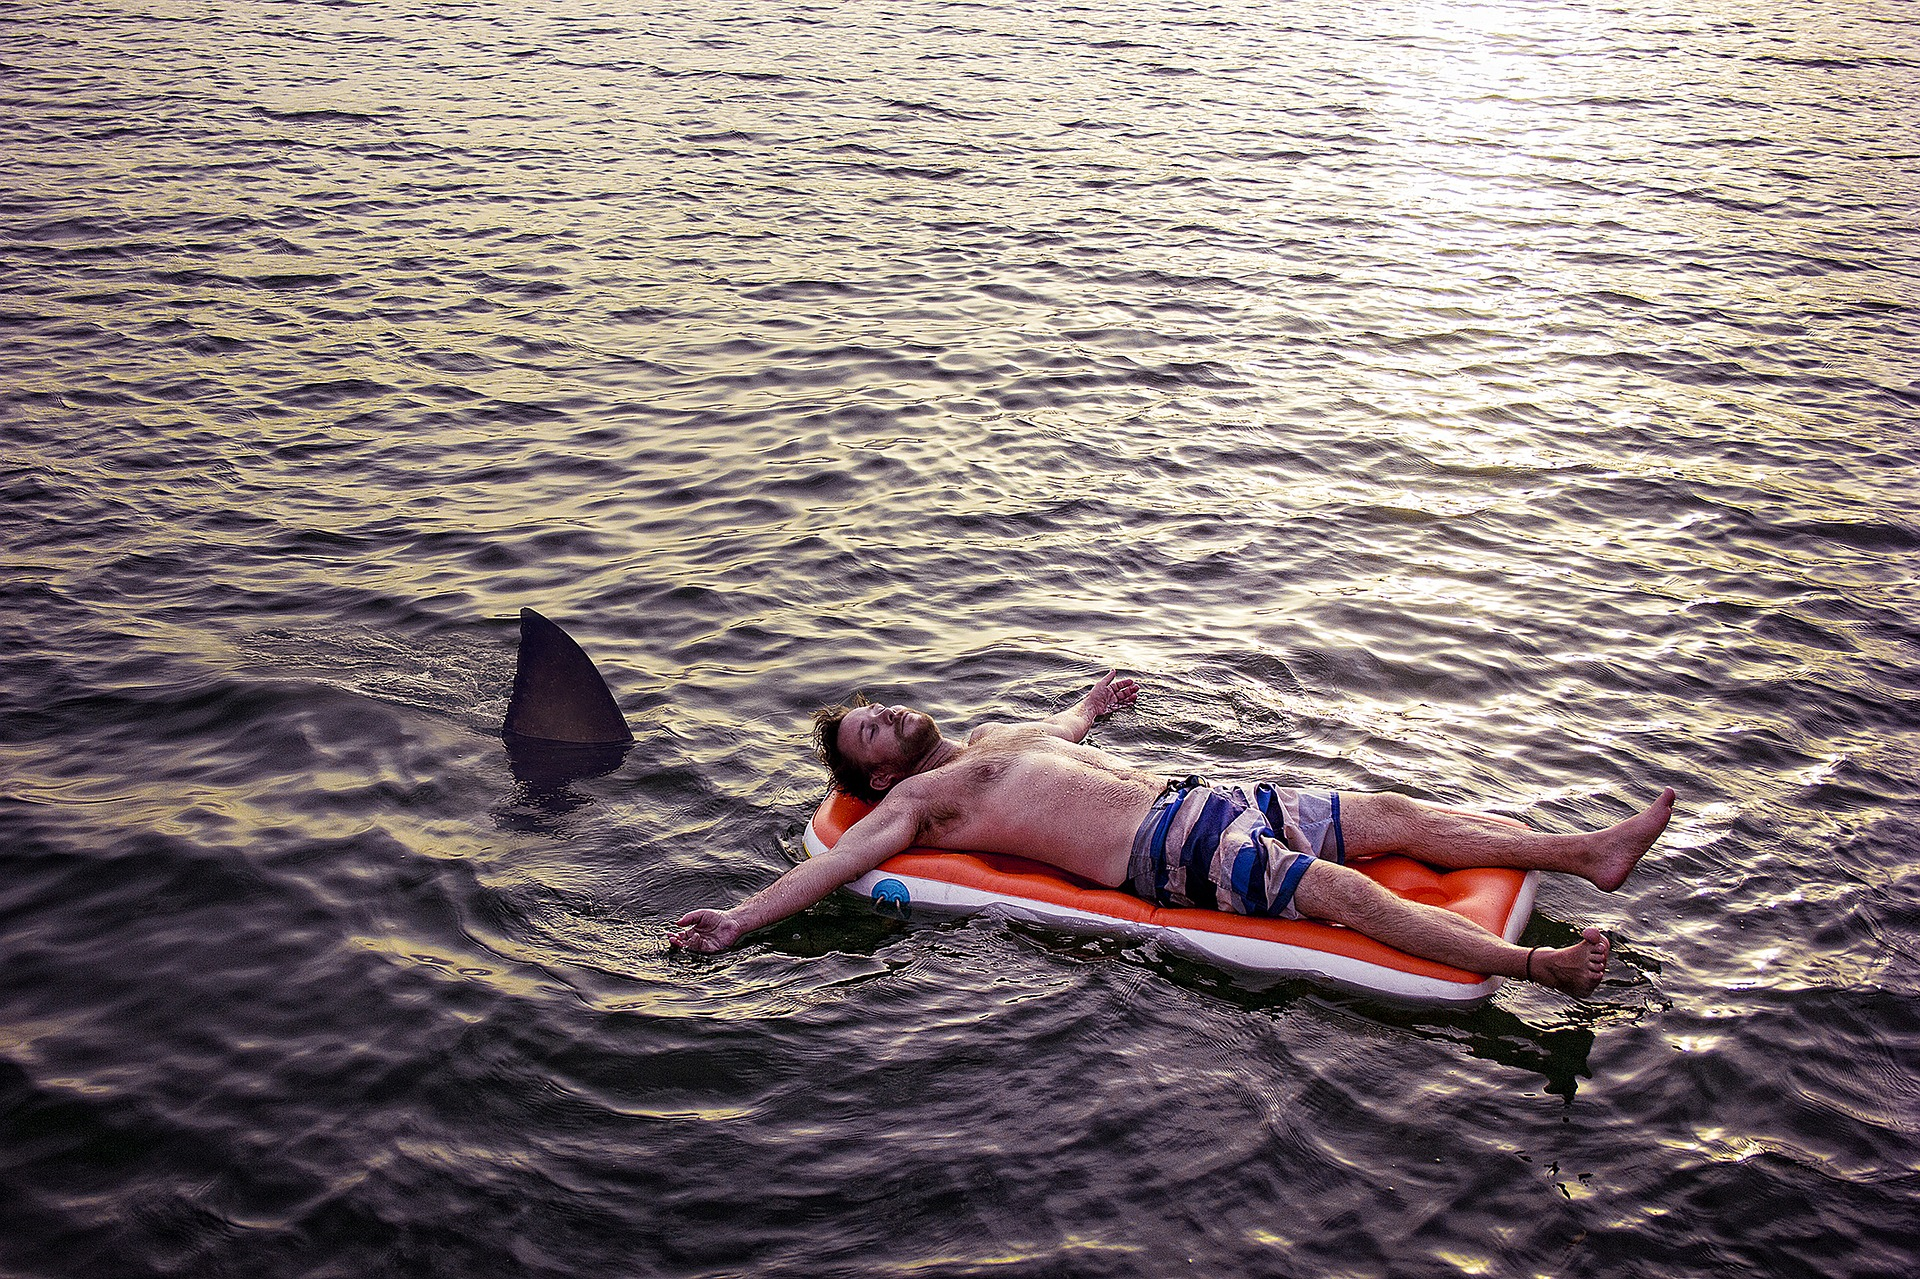 Köpek balığı, deniz yatağında güneşlenen adama saldırıyor.